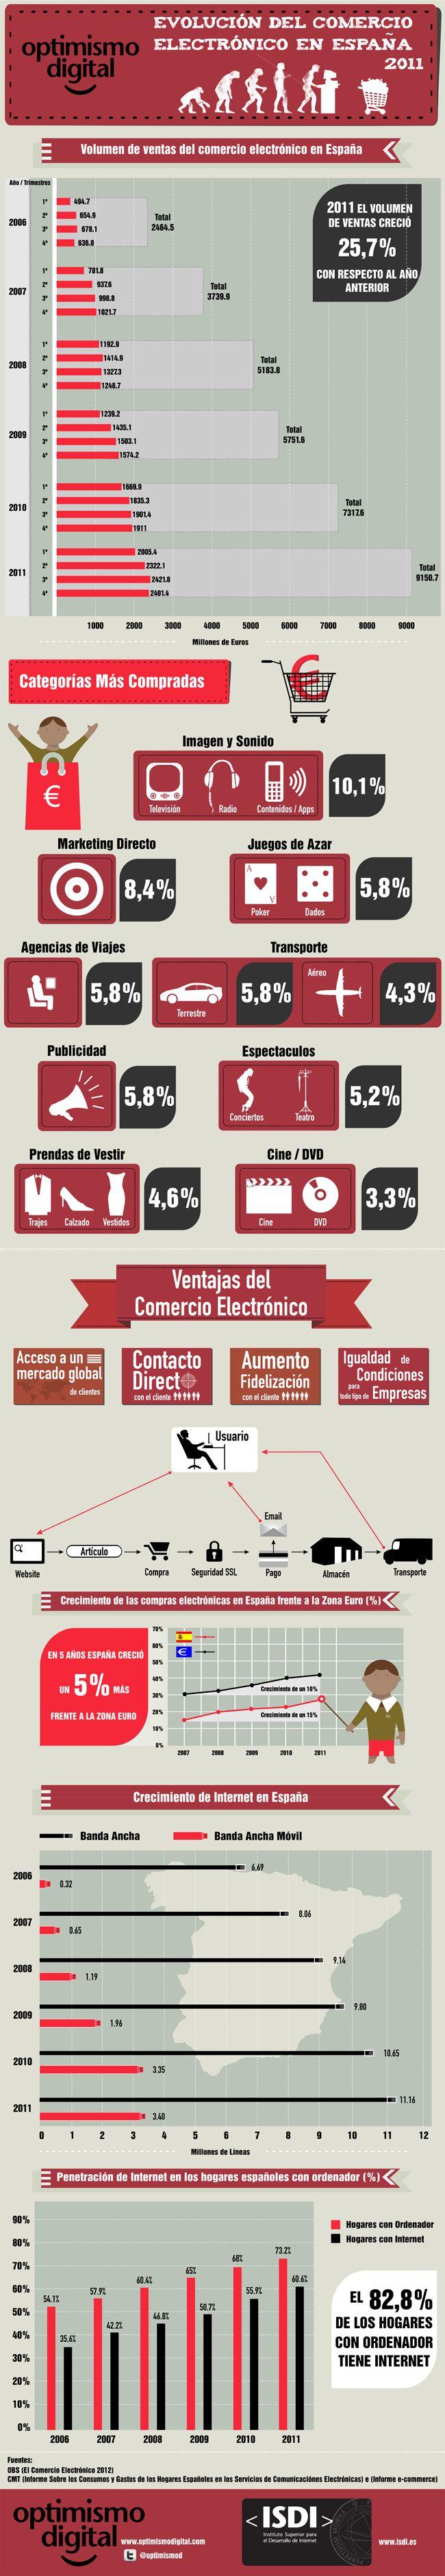 Evolución del comercio electrónico en España. Se destaca en esta infografía que el volumen den ventas ha aumentado en un 25,7%, que los productos de imagen y sonido son los más comprados y sobre todo que el mercado ha crecido un 5% más que el mercado Europeo.